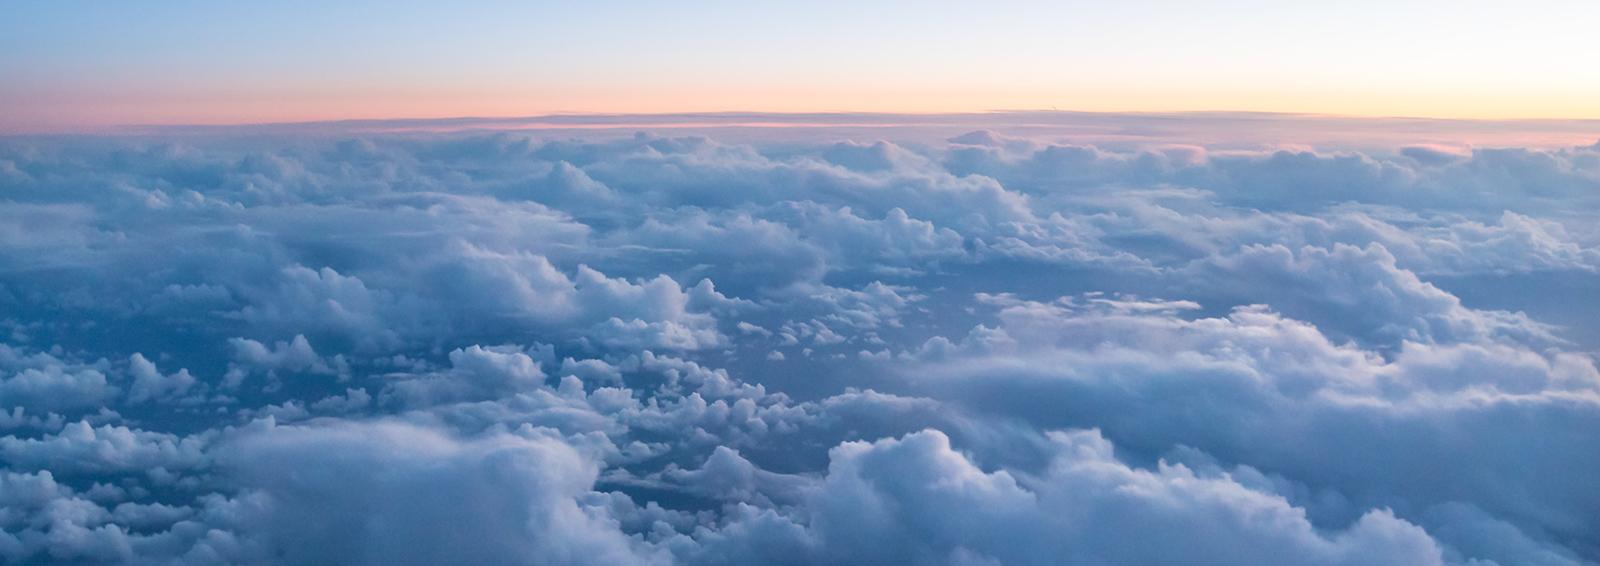 über den Wolken - Luftmotorsport Bielefeld Gütersloh